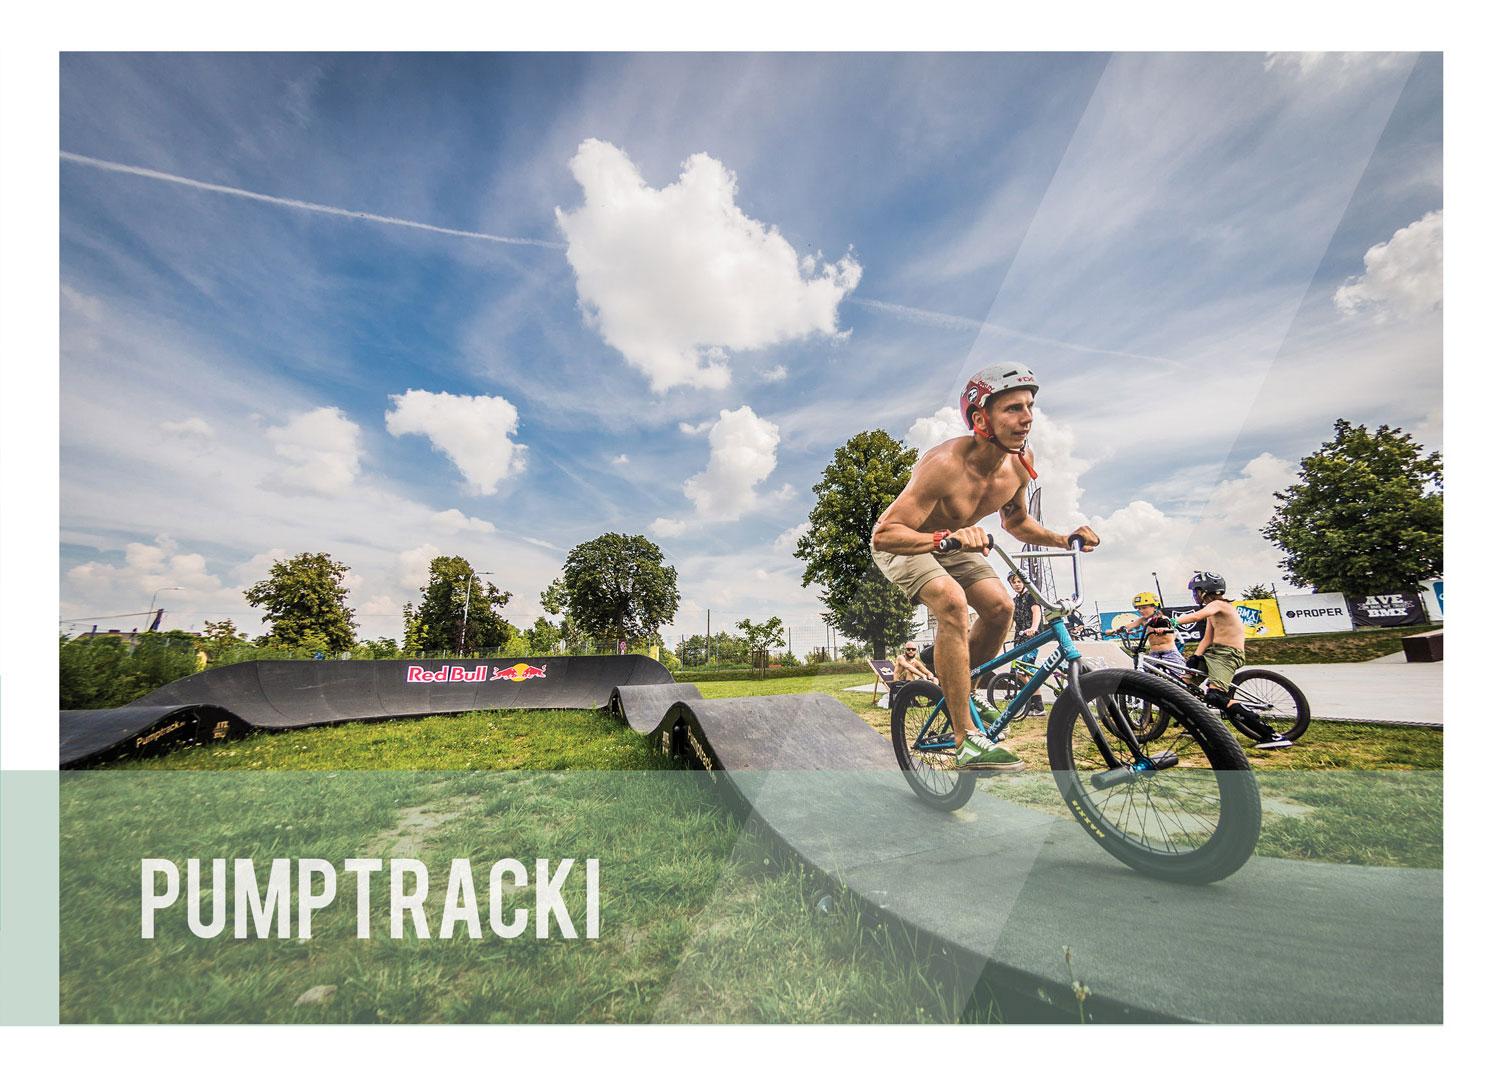 Katalog pumptracki - Pumptrack.eu